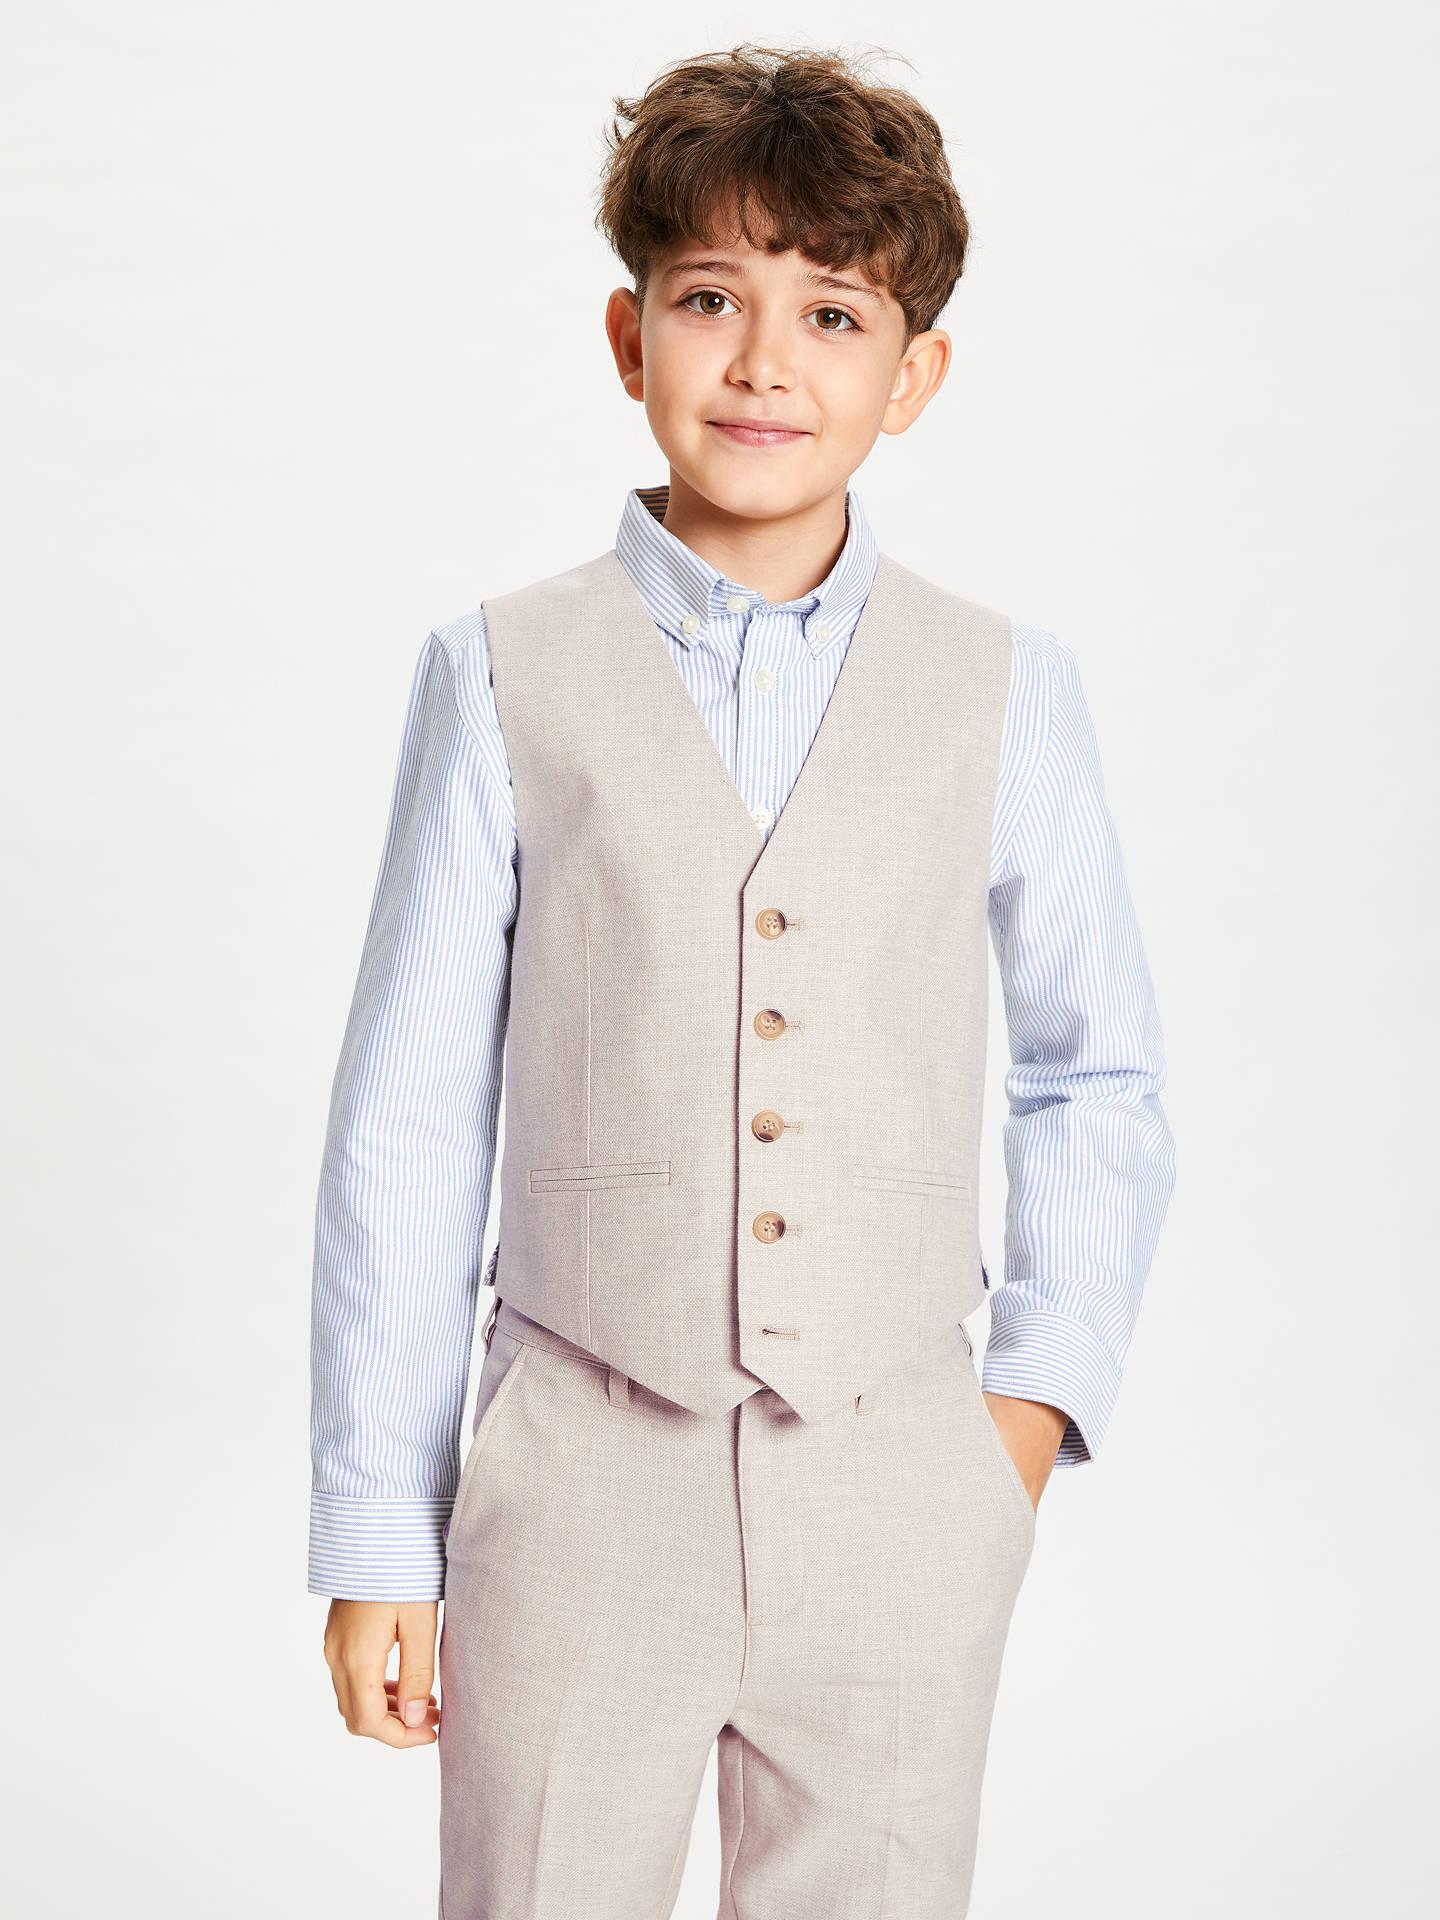 c0c1c2e8c30e3 John Lewis & Partners Heirloom Collection Boys' Linen Mix Suit ...